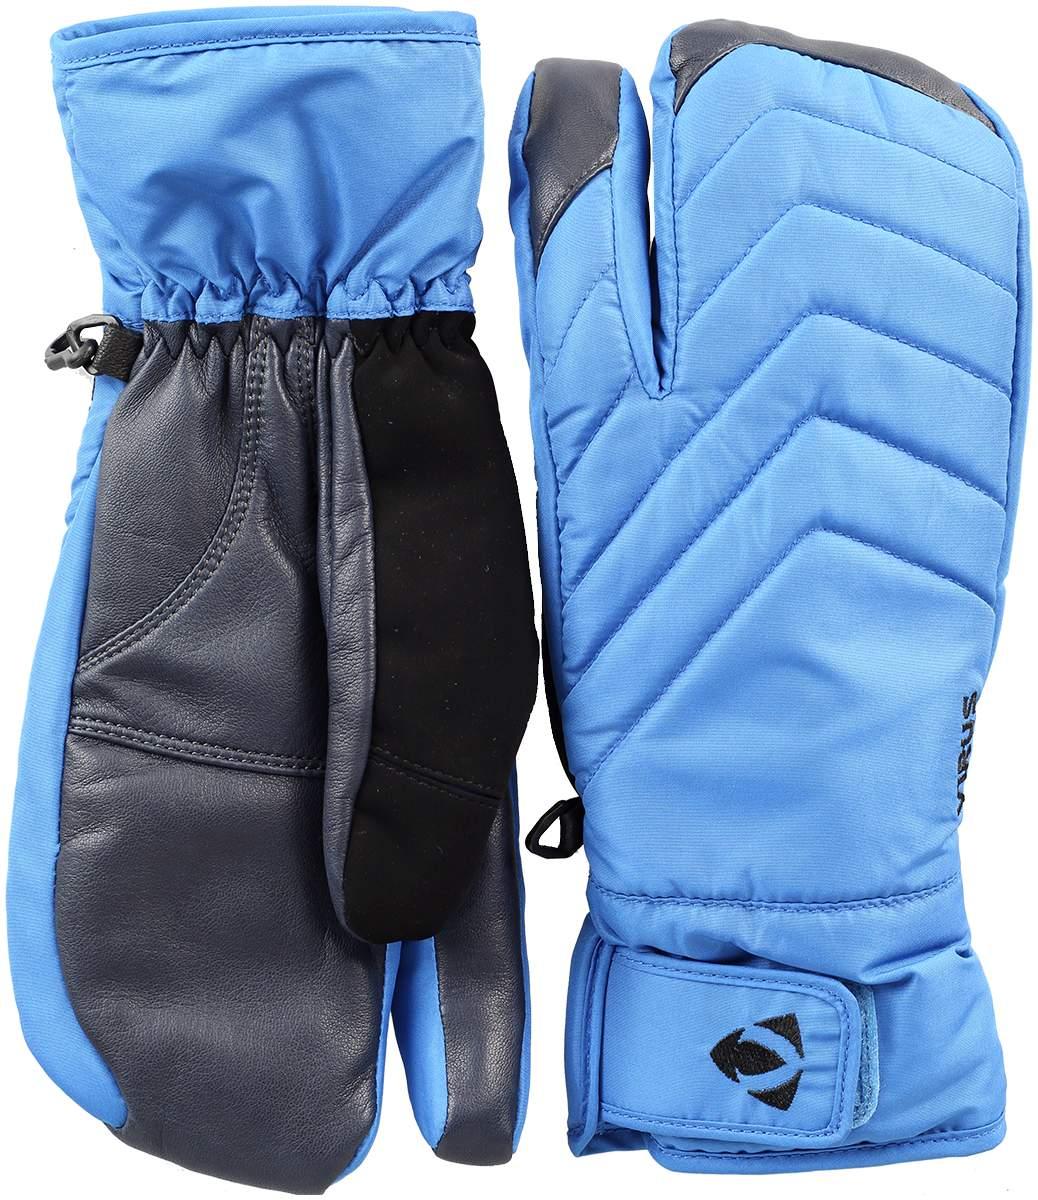 Рукавицы F4Варежки<br>Рукавицы F4 – это «мутация» популярной модели Muzzy. Разделение пальцев делает эту модель больше похожей на рукавицы, что определенно снижает...<br><br>Цвет: Синий<br>Размер: S